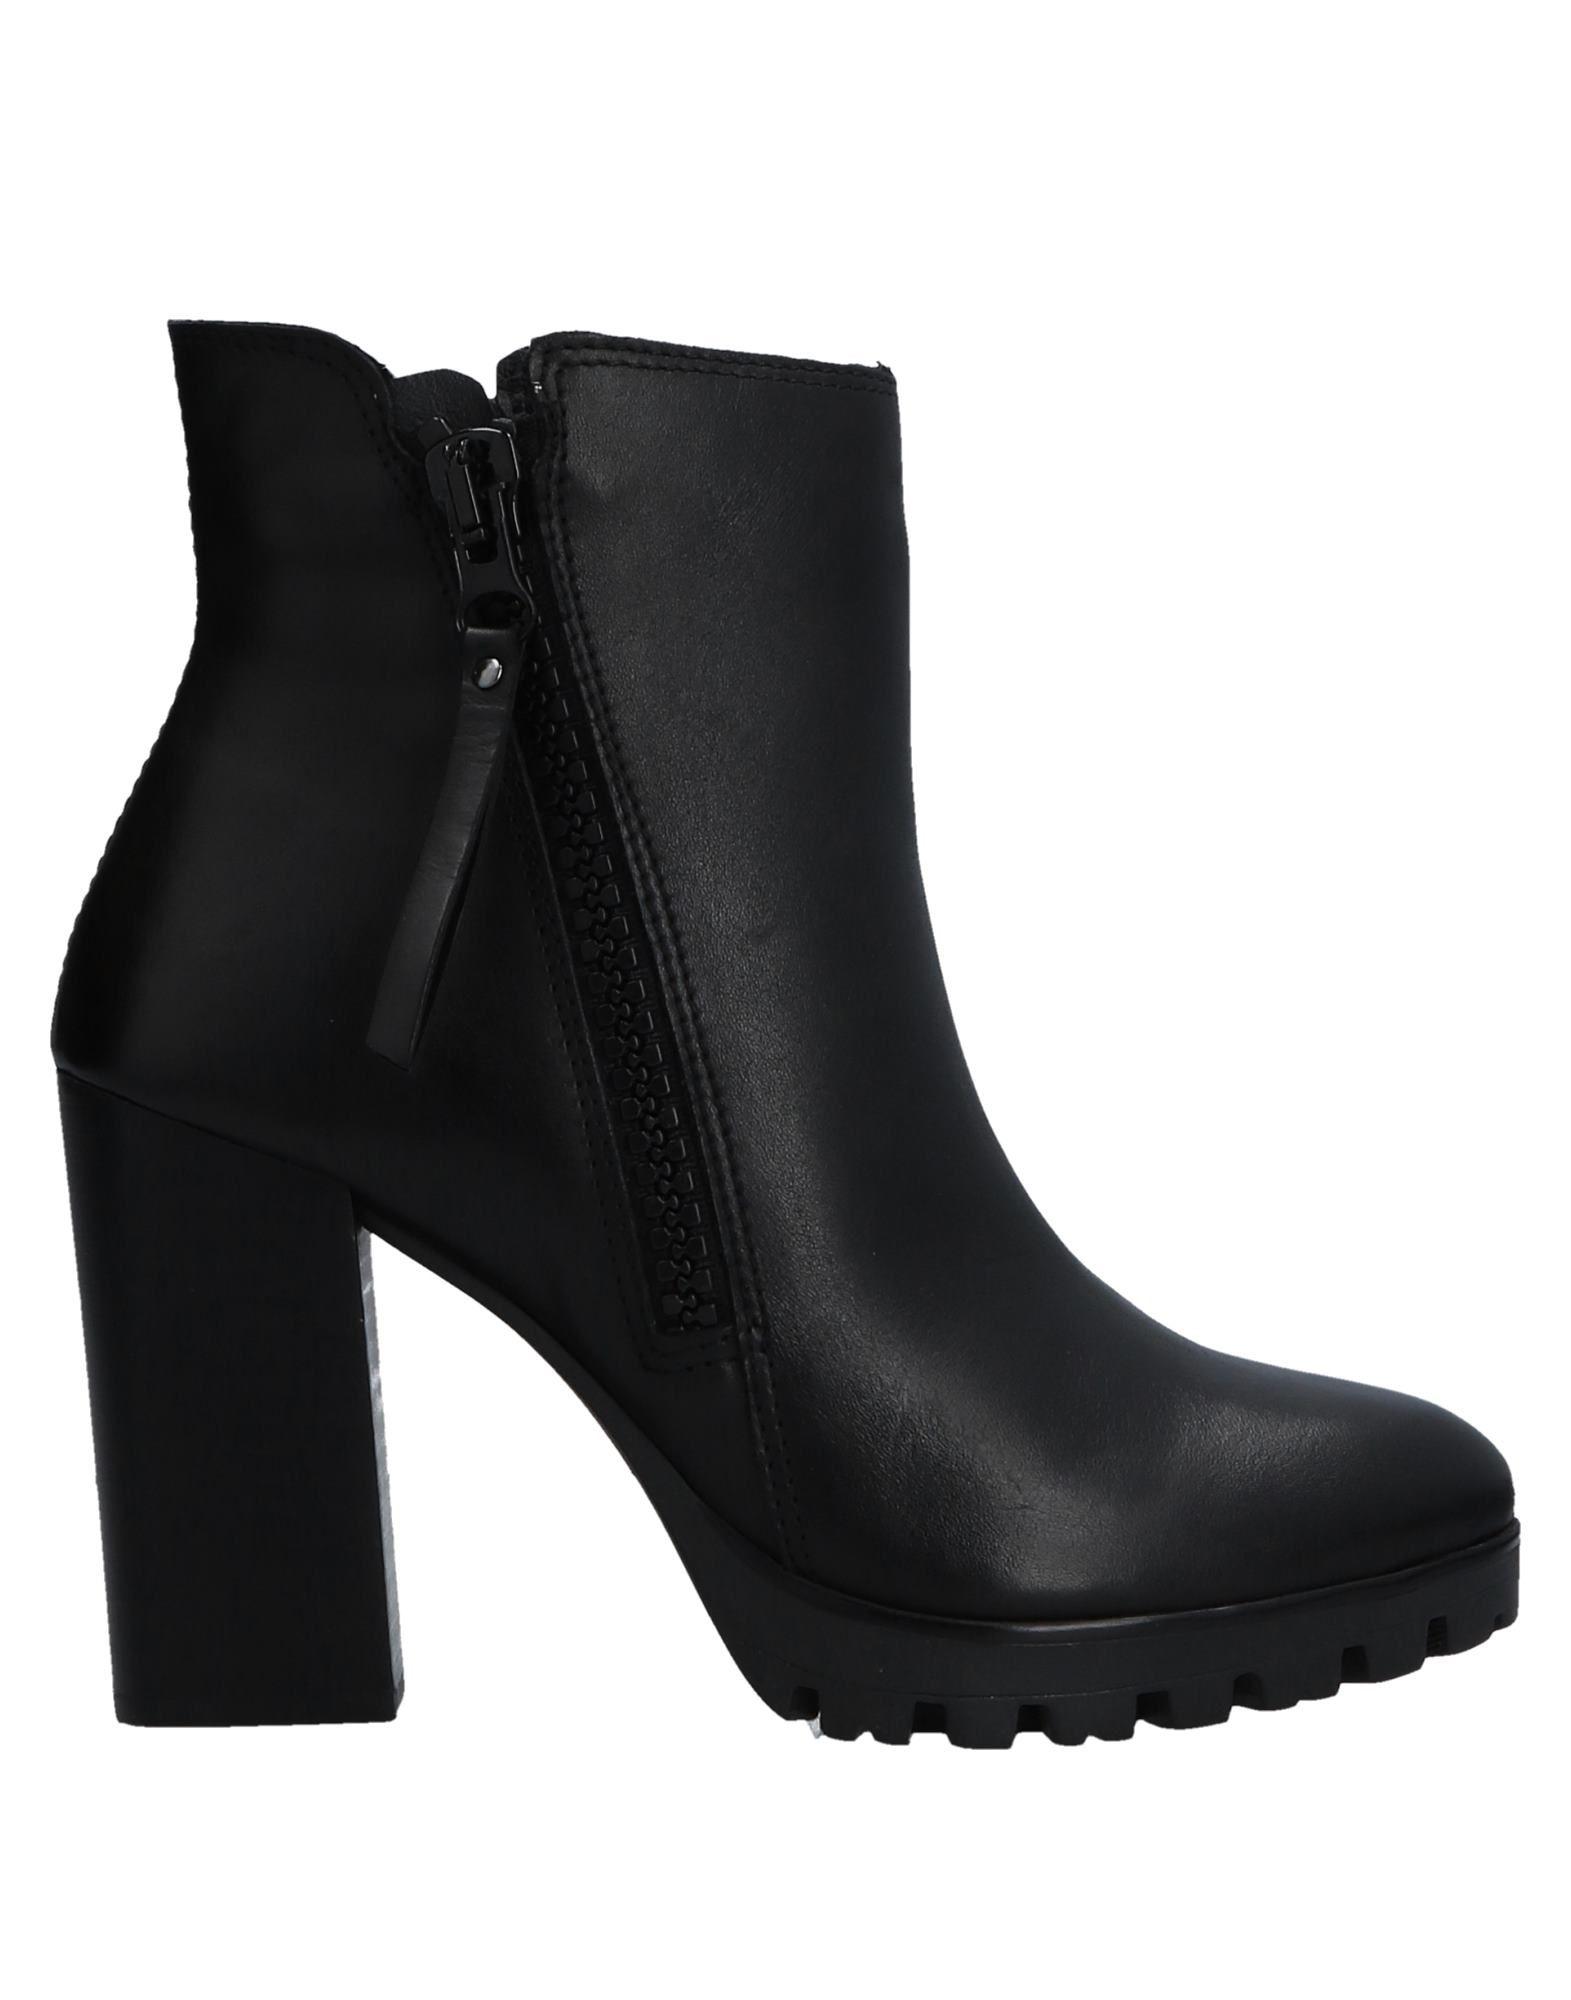 Gusto Stiefelette Damen  11520454XW Gute Qualität beliebte Schuhe